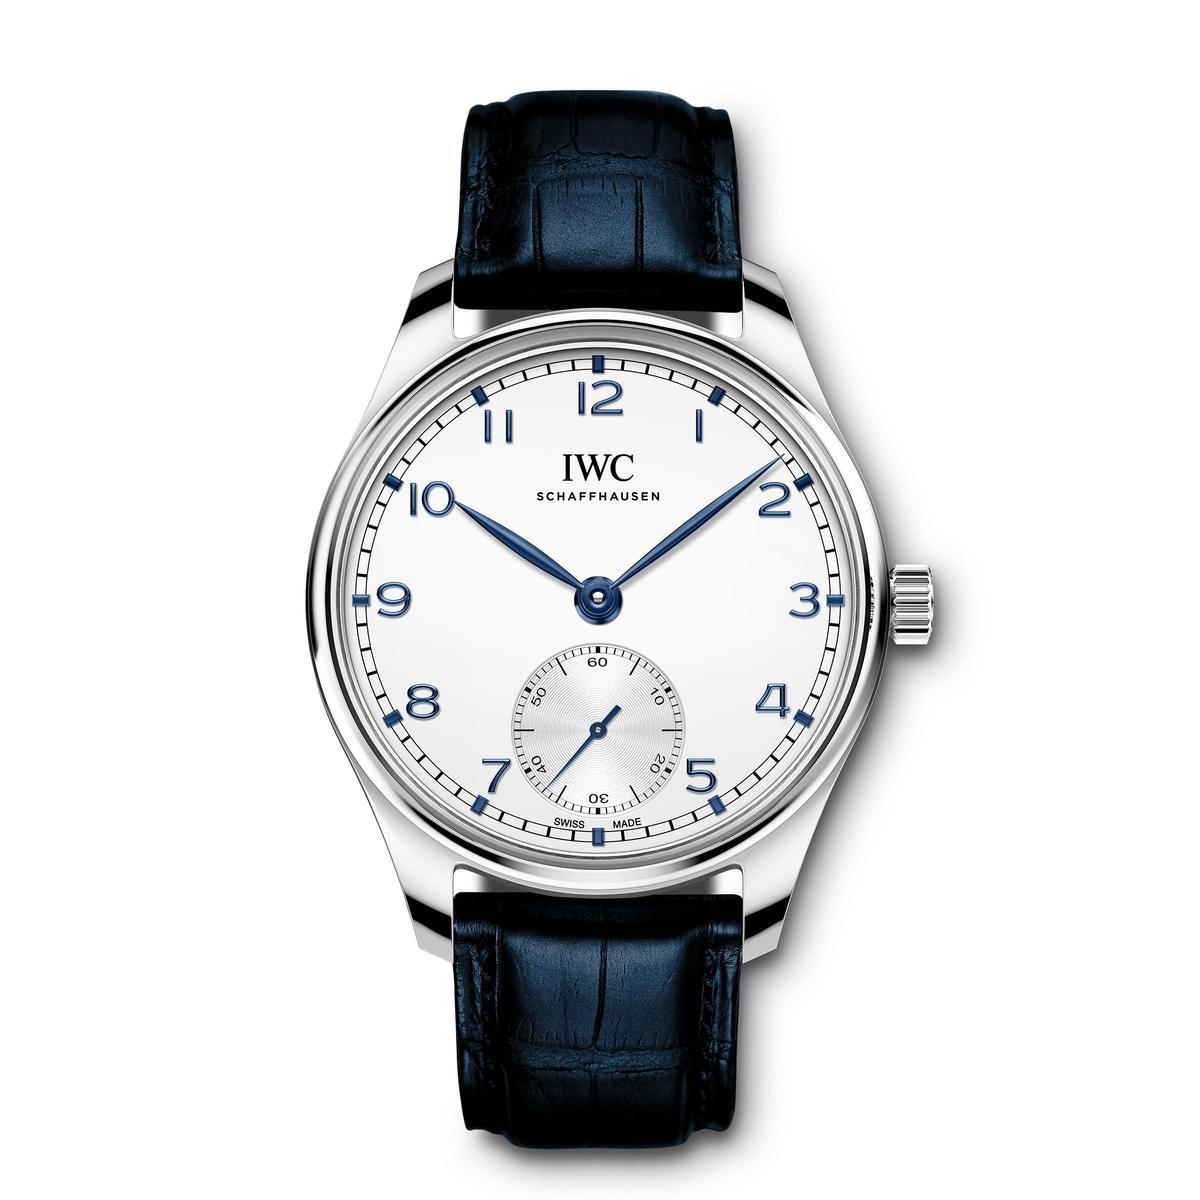 IWC全新的小三針腕錶(型號IW3583)改裝載82200自動上鏈機芯,動力儲存60小時。尺寸也縮小至40mm。此款型號為IW358304不鏽鋼款,定價NT$232,000。